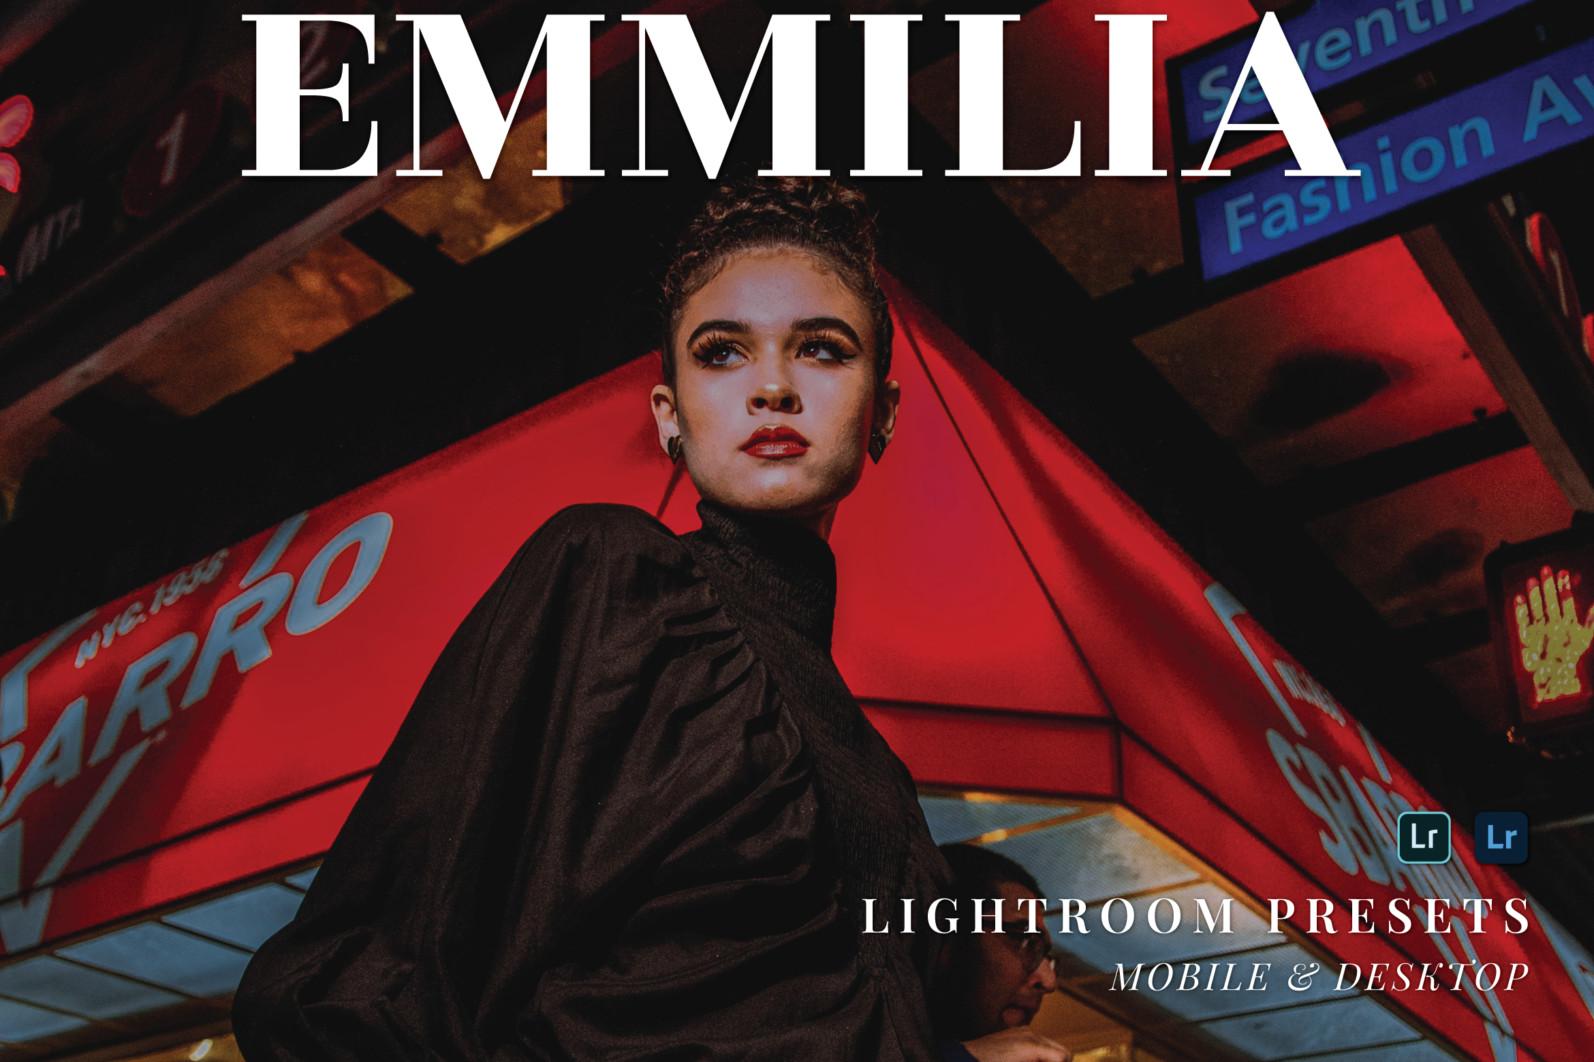 10 Emmilia Lightroom Mobile and Desktop Presets | Works with Free Lightroom Mobile App - 1 113 -